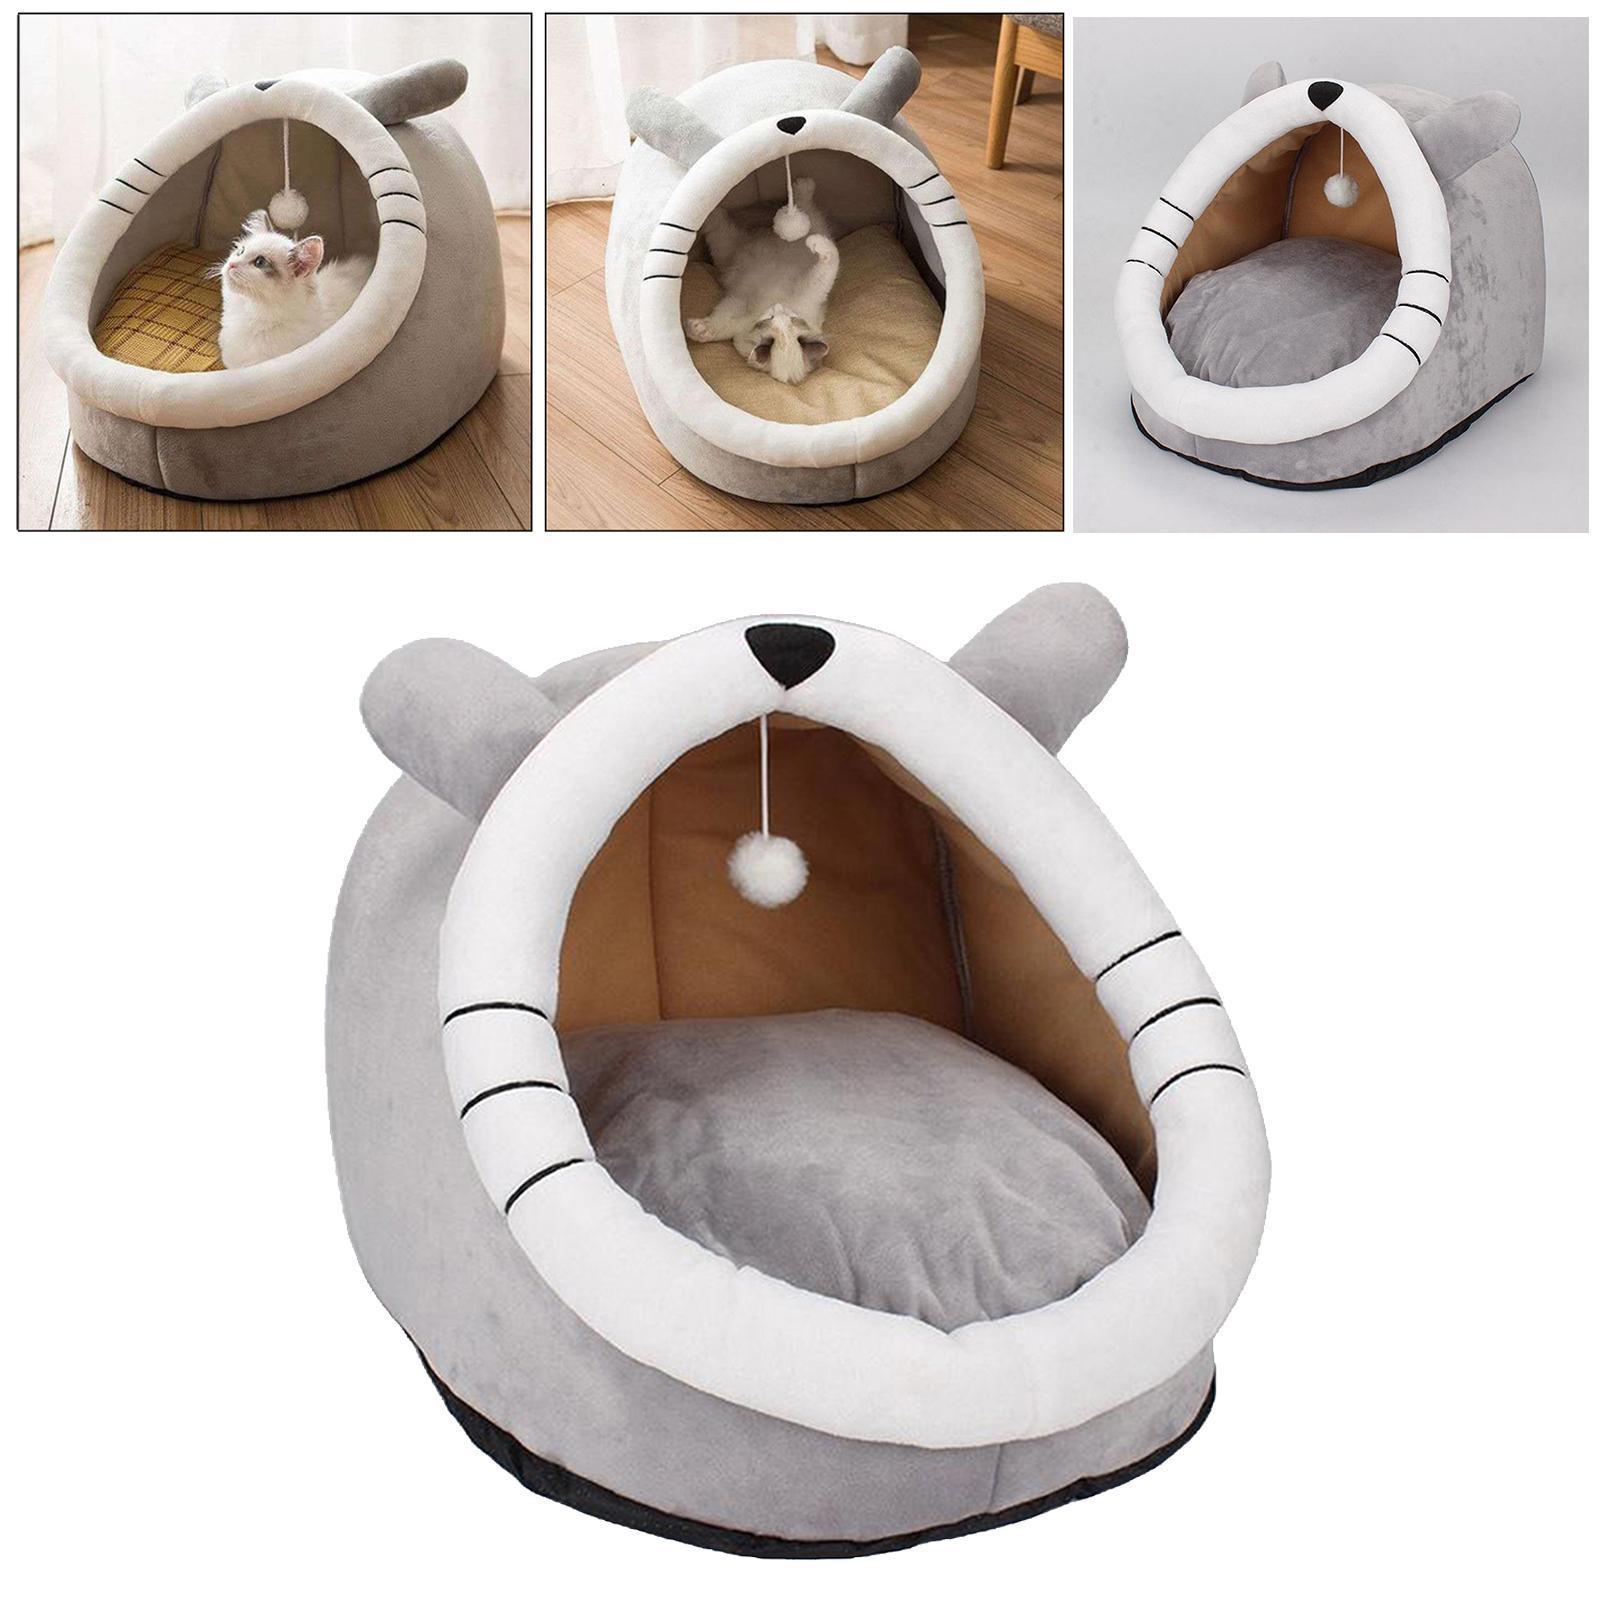 Indexbild 6 - Haustier hund katzen haus zwinger zelt mode welpe winter warmes bett haus höhle